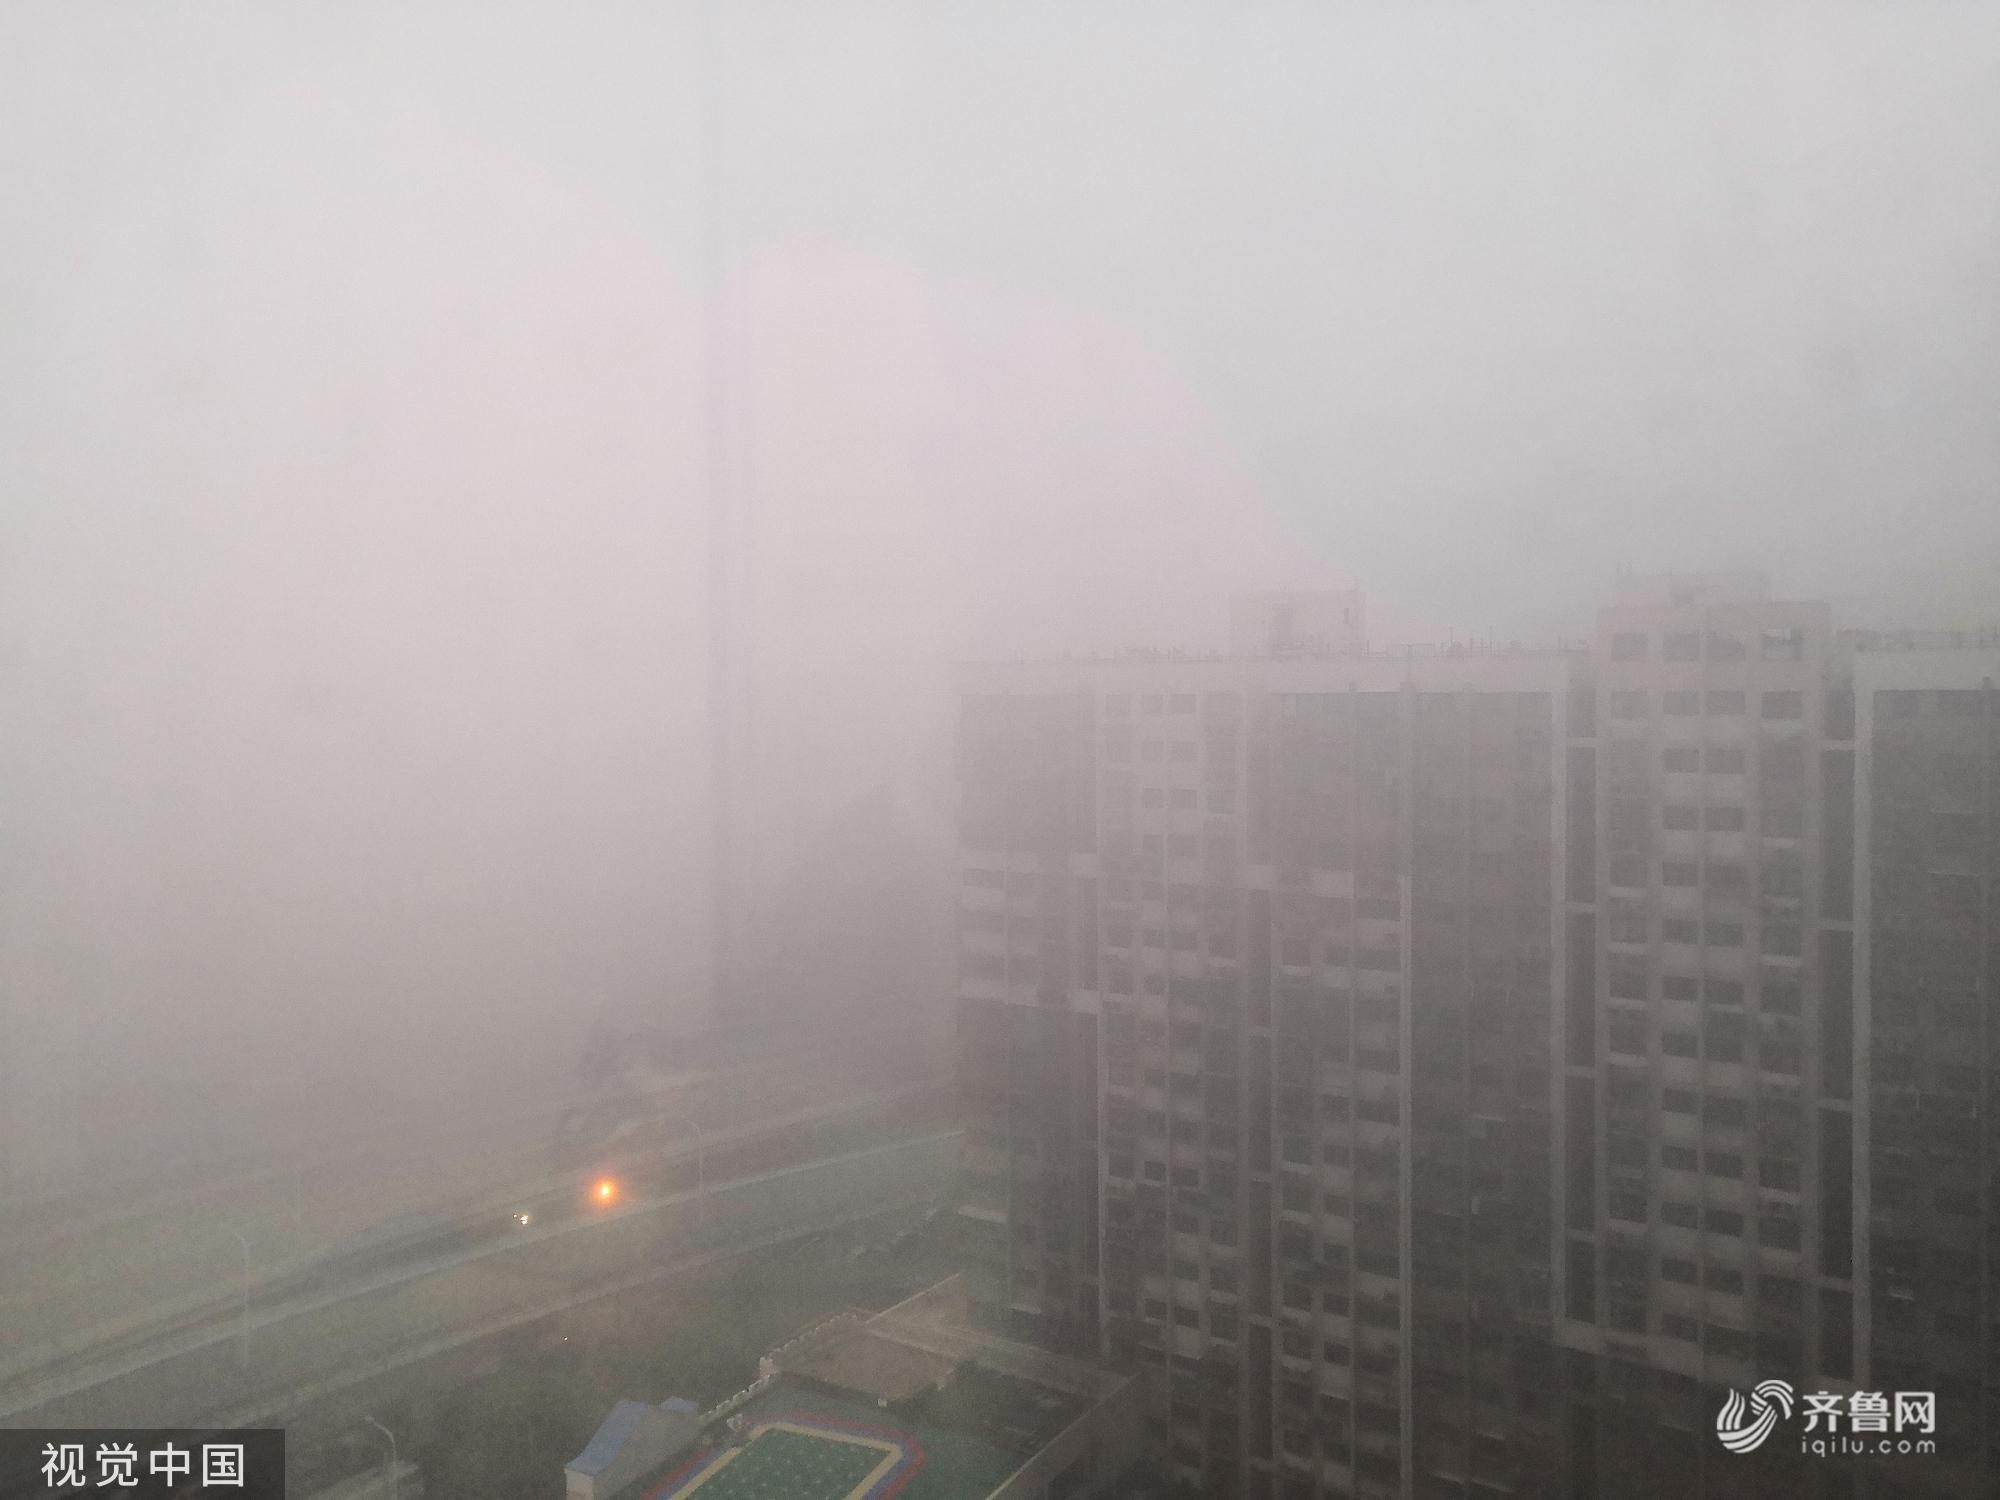 山东发布大雾橙色预警 济南东营等地出现强浓雾